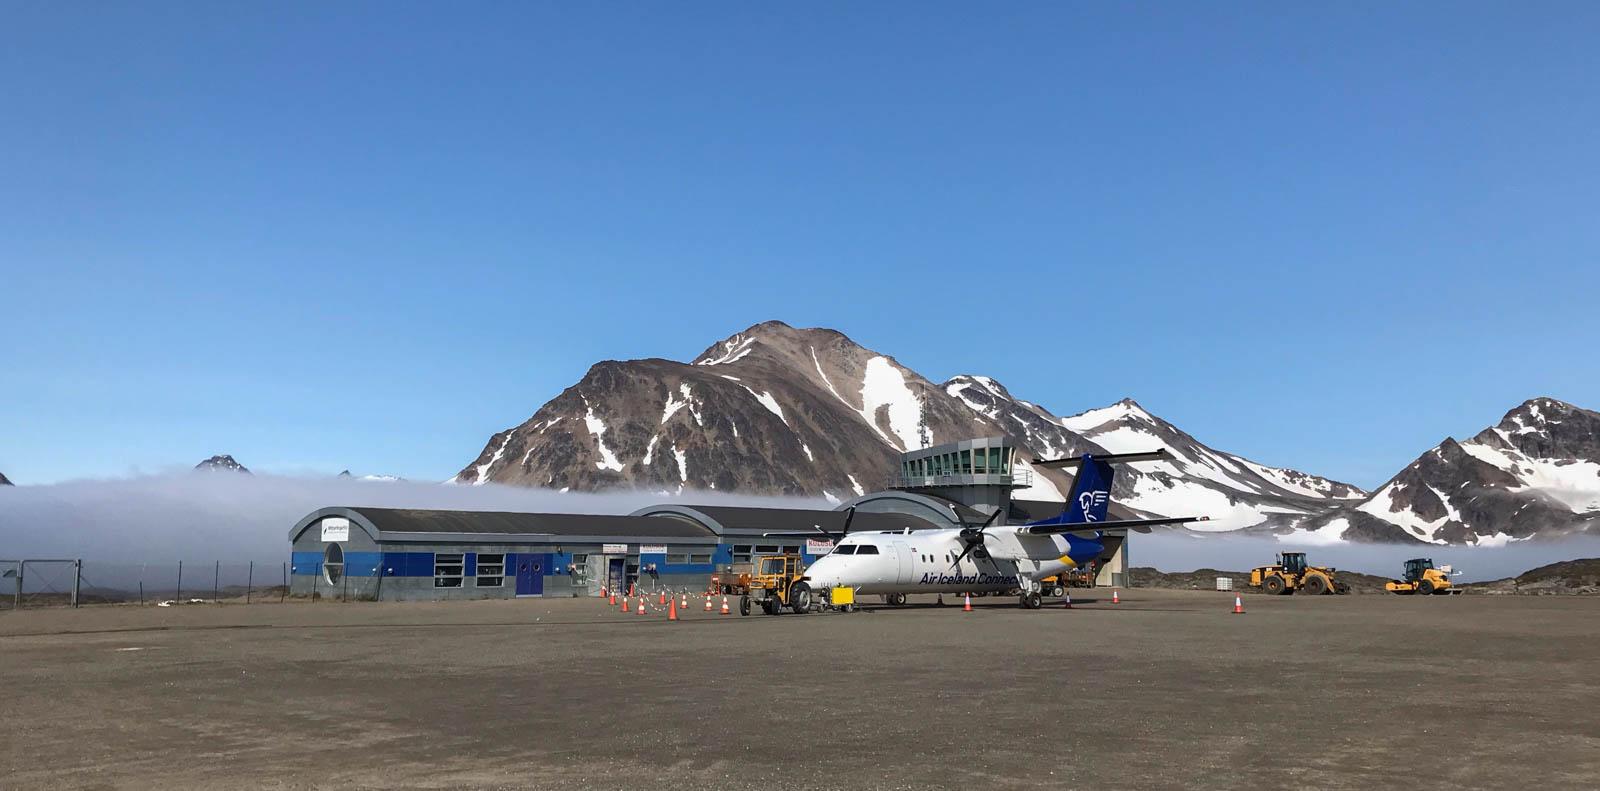 Flughafen von Kulusuk, Ostgrönland, Air Iceland Connect, Arktis